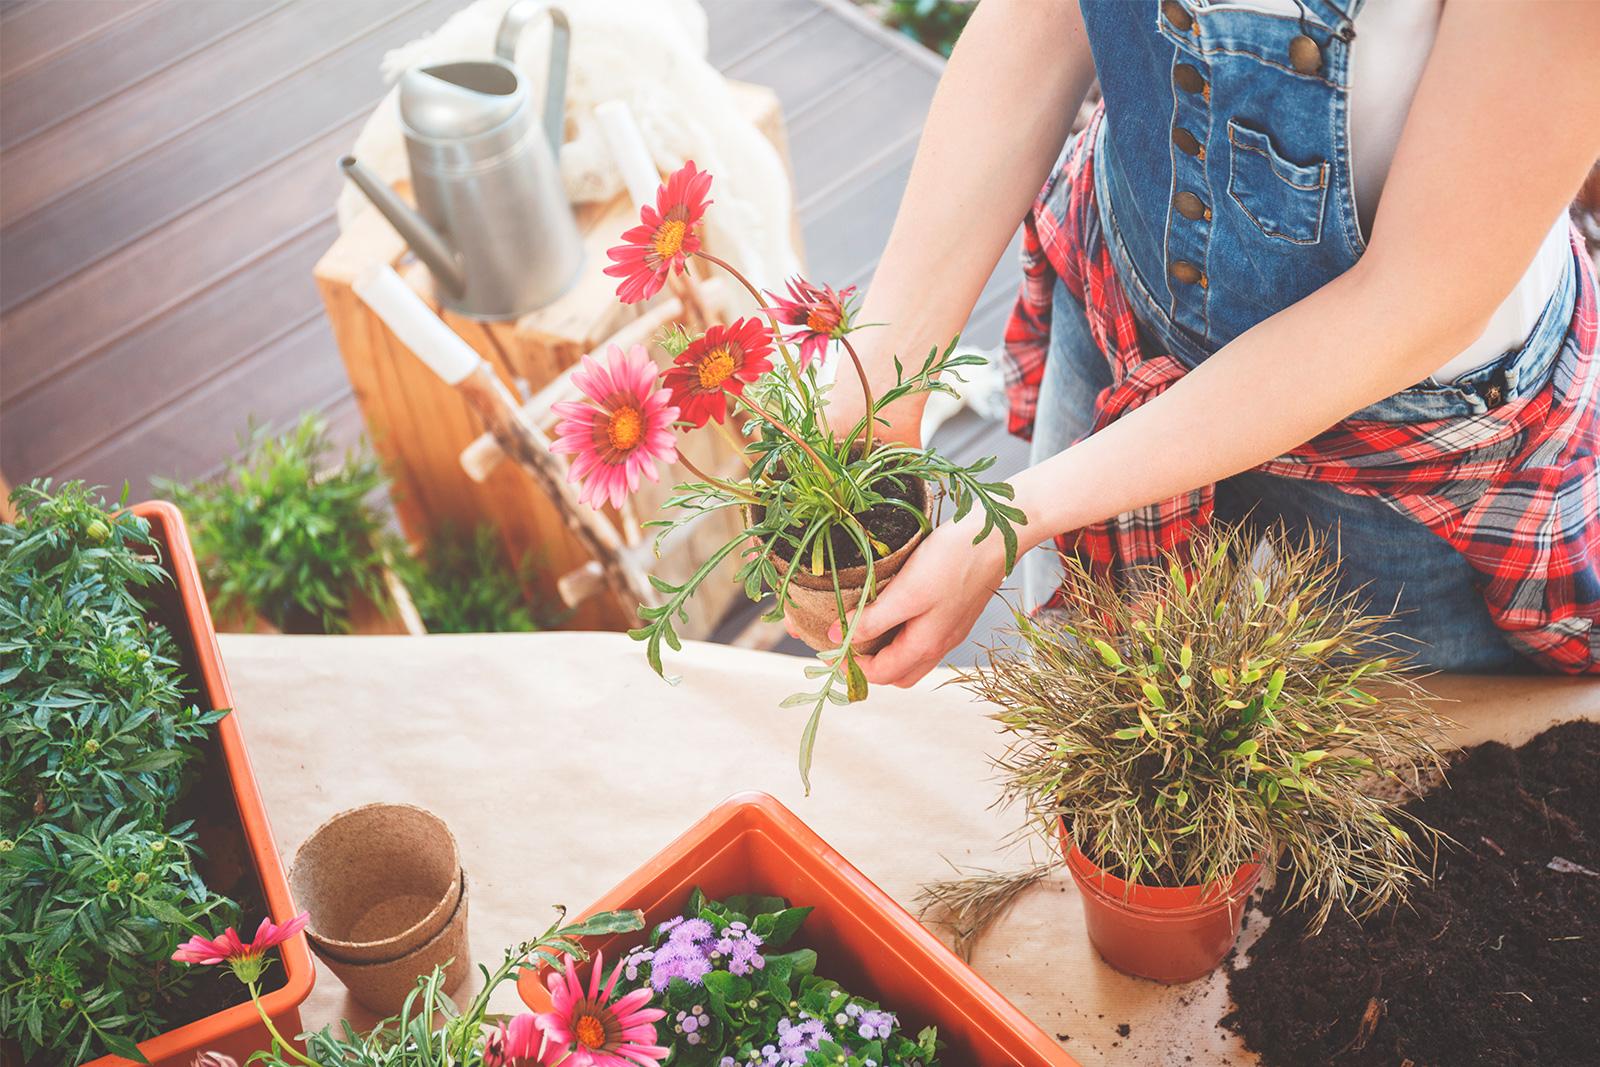 Coltivare In Casa Piante Aromatiche coltivare erbe aromatiche in giardino: 5 consigli - magazine